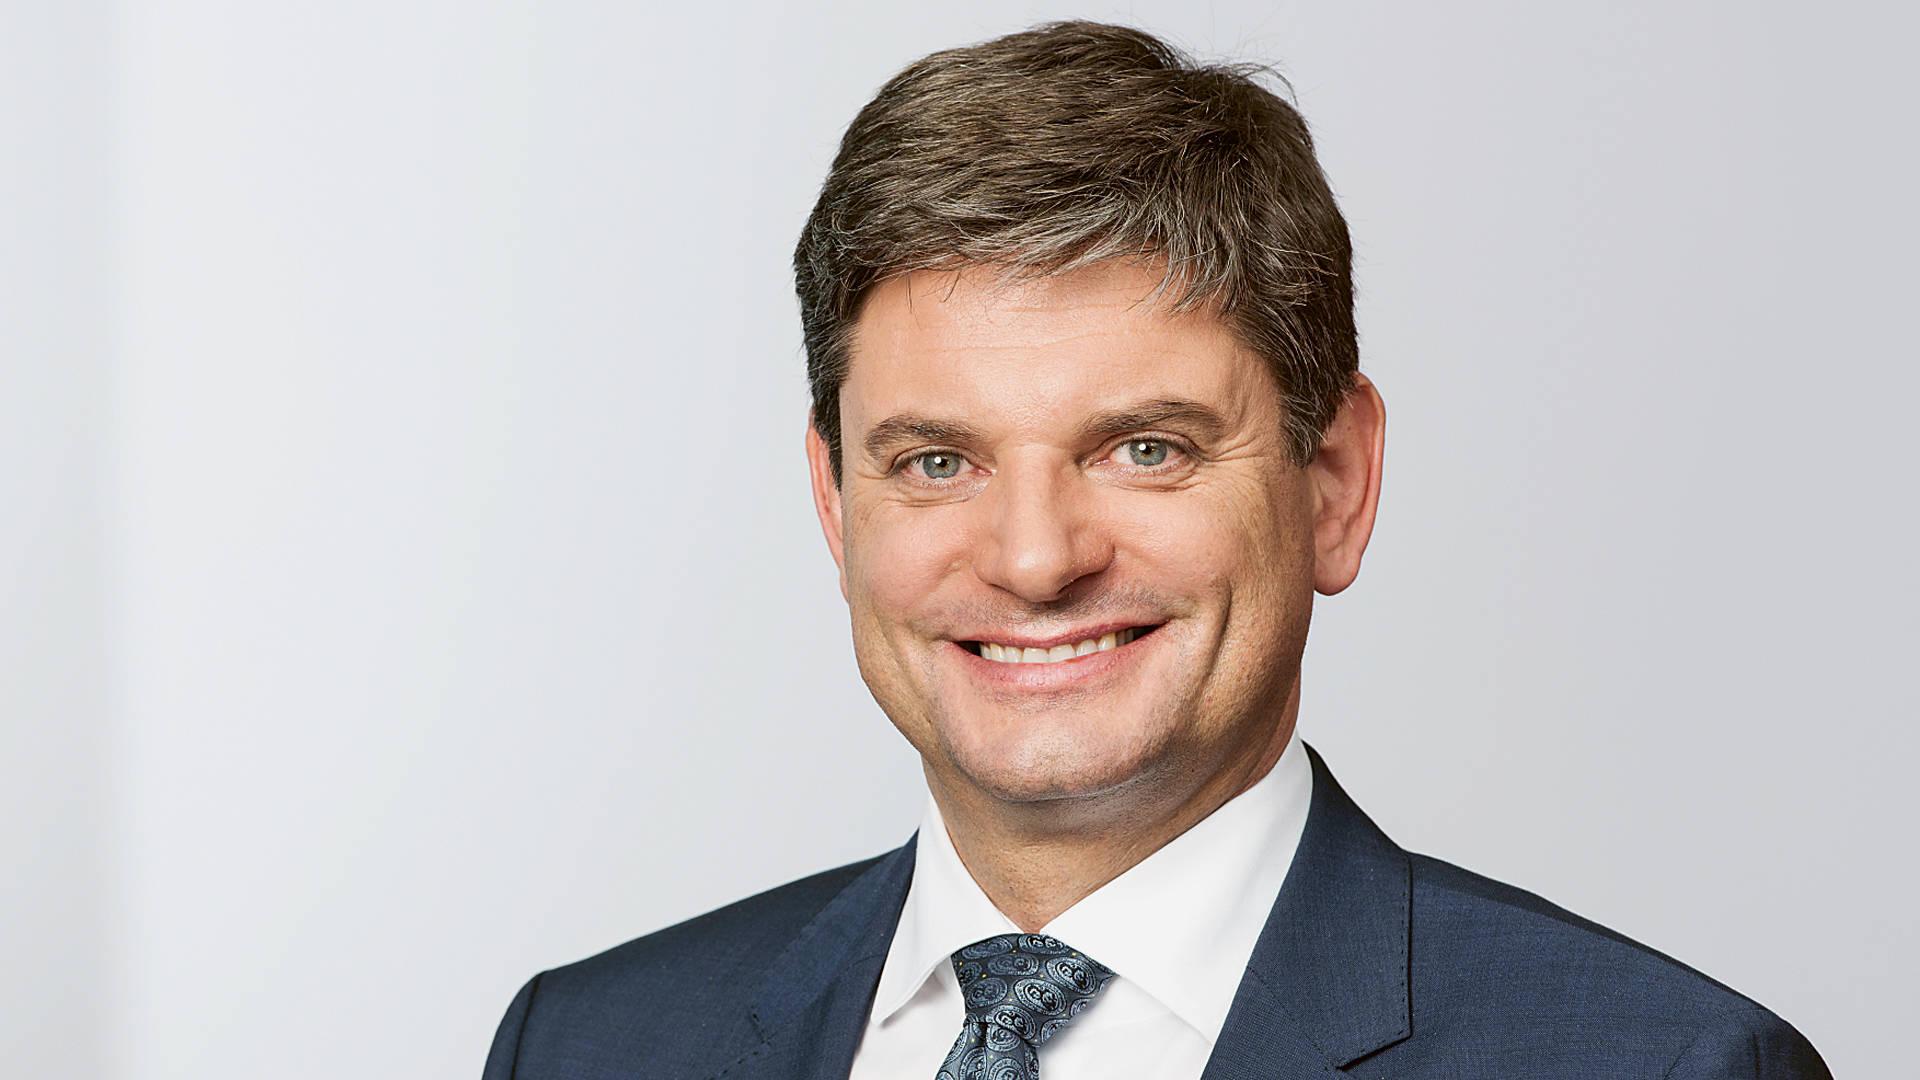 Prof. Dr. Joachim Hornegger ist seit April 2015 Präsident der  Friedrich-Alexander-Universität (FAU) Erlangen-Nürnberg.